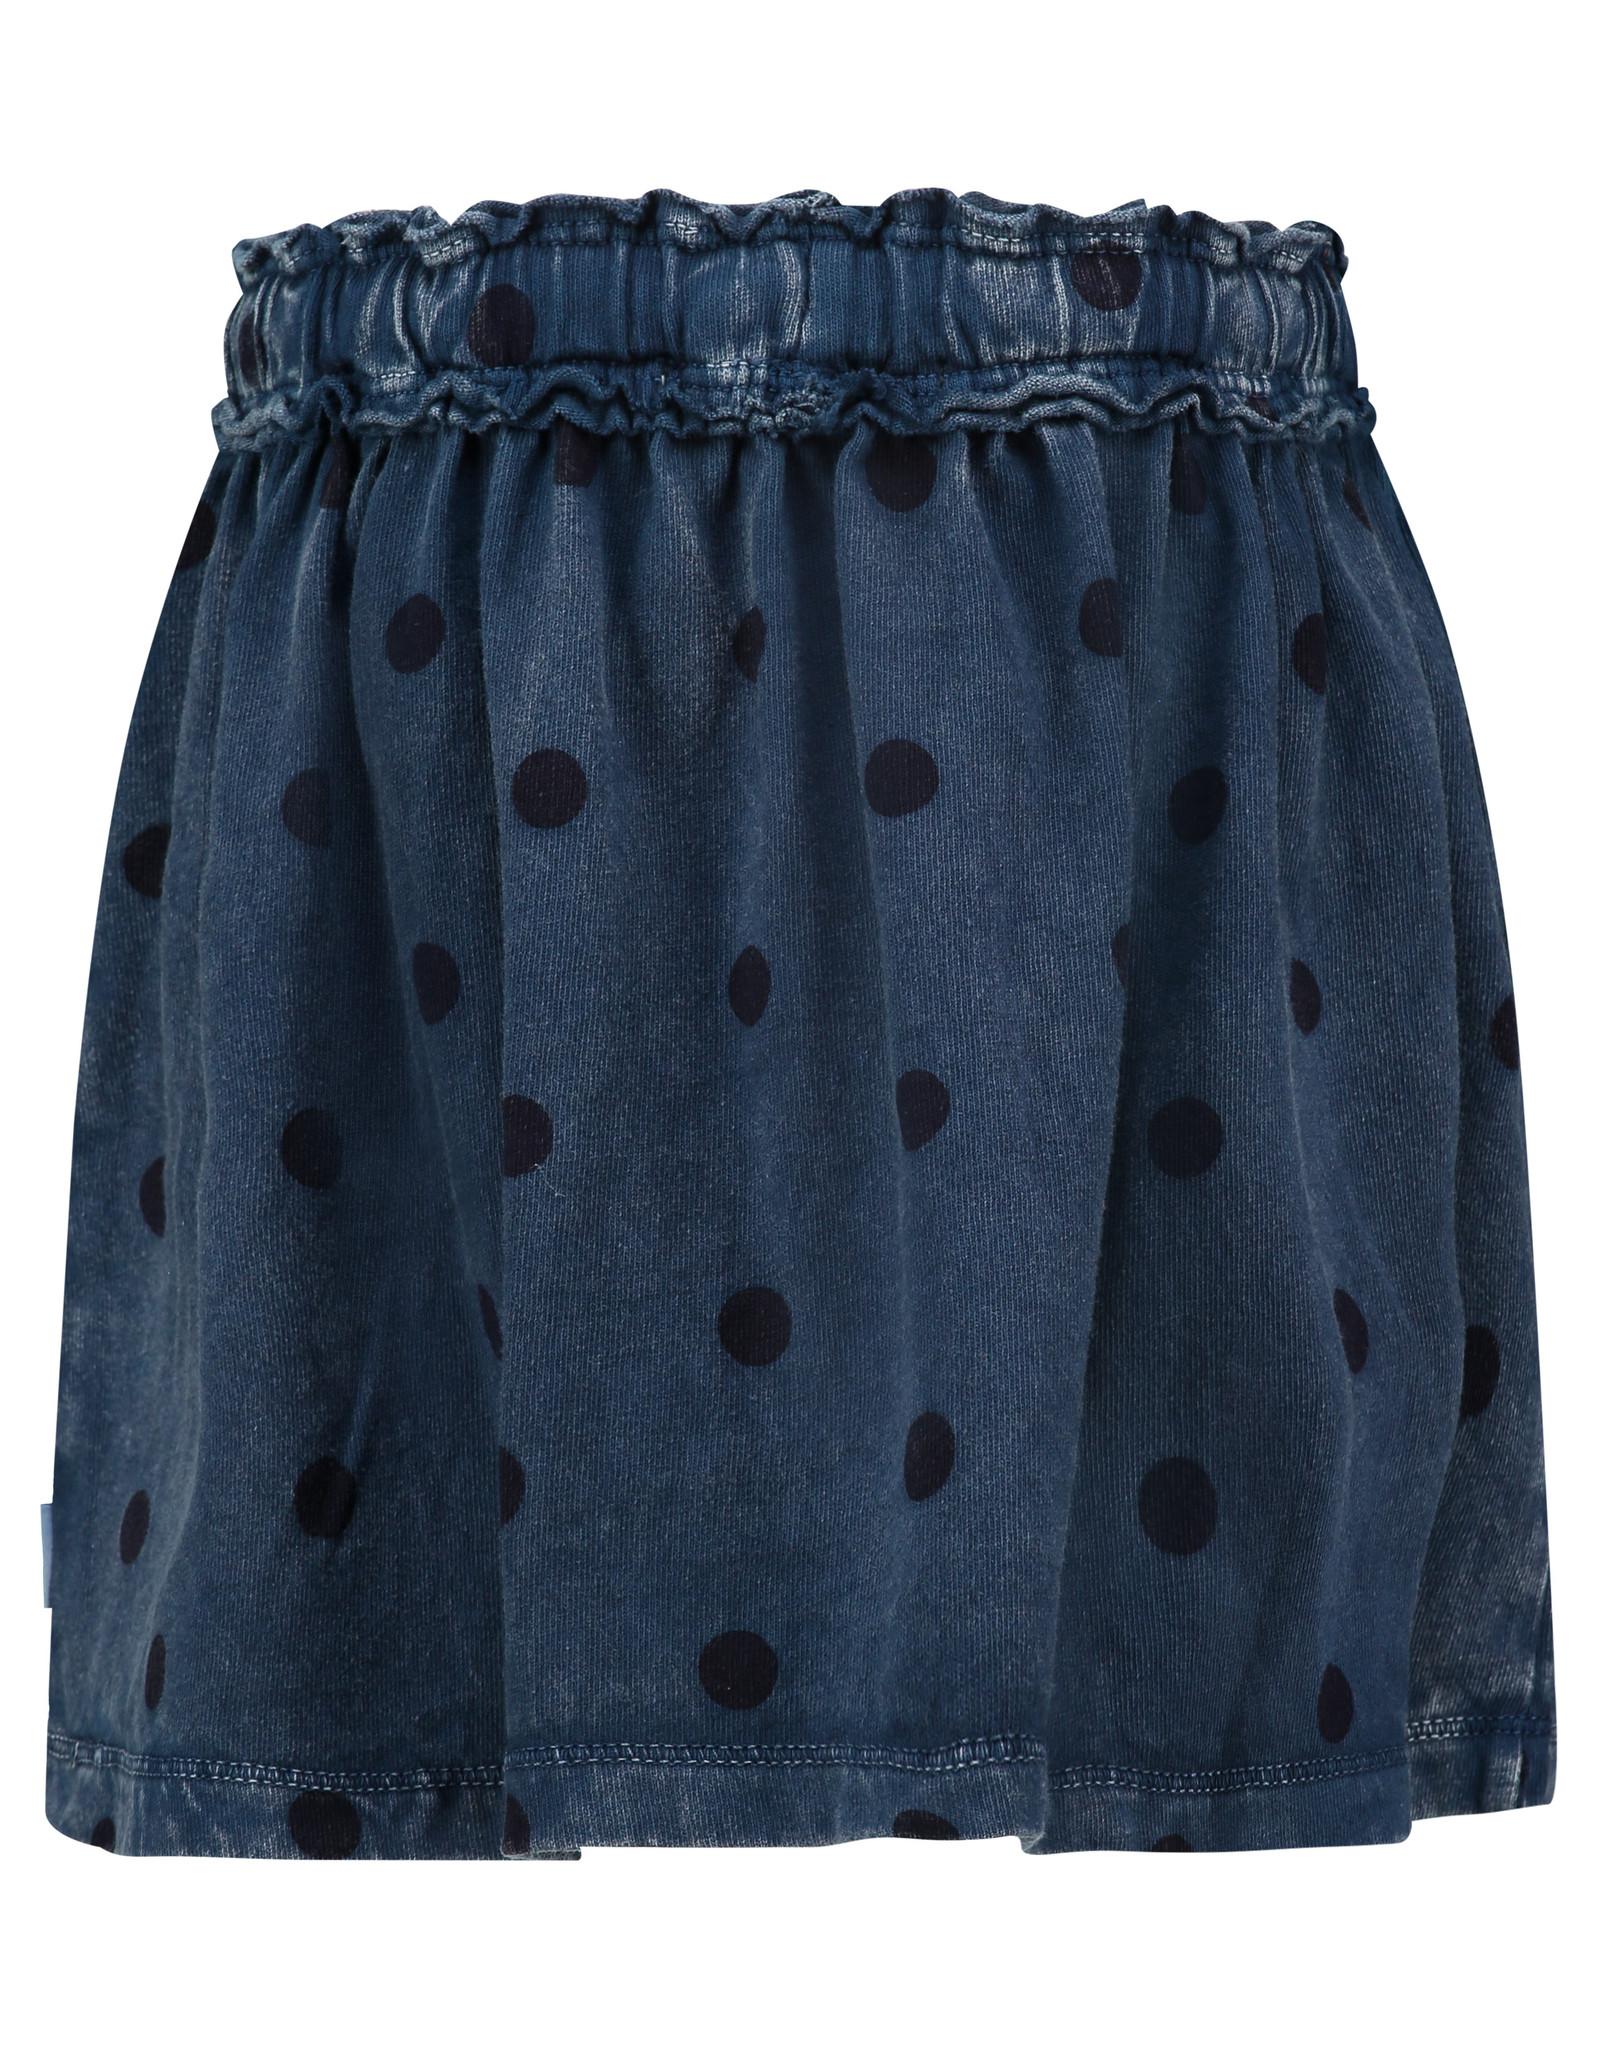 Noppies G Skirt mini Clovis, Dress Blues